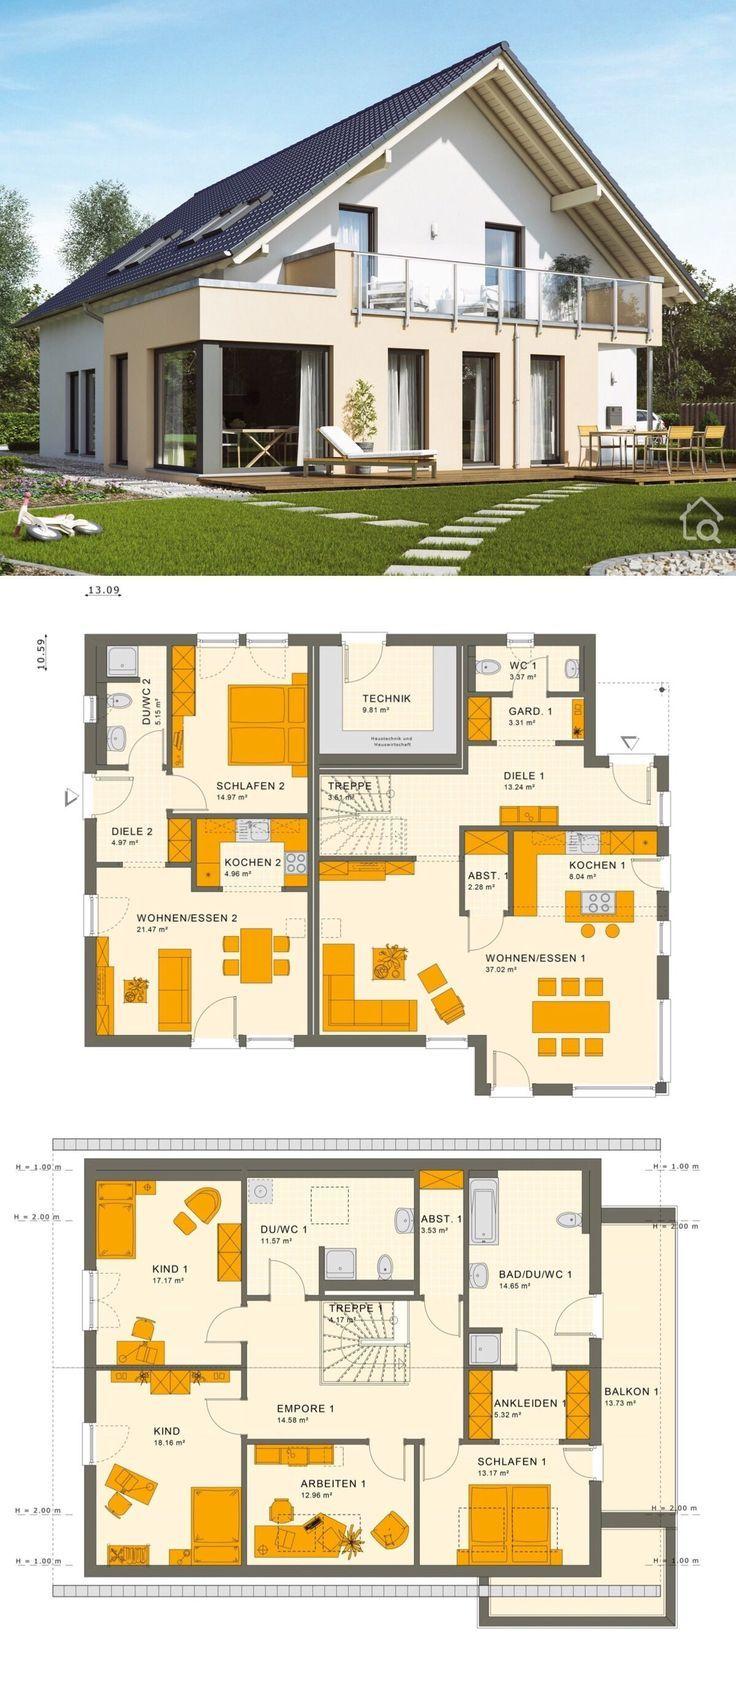 Maison individuelle classique avec une architecture de mamie et une toiture en selle, …